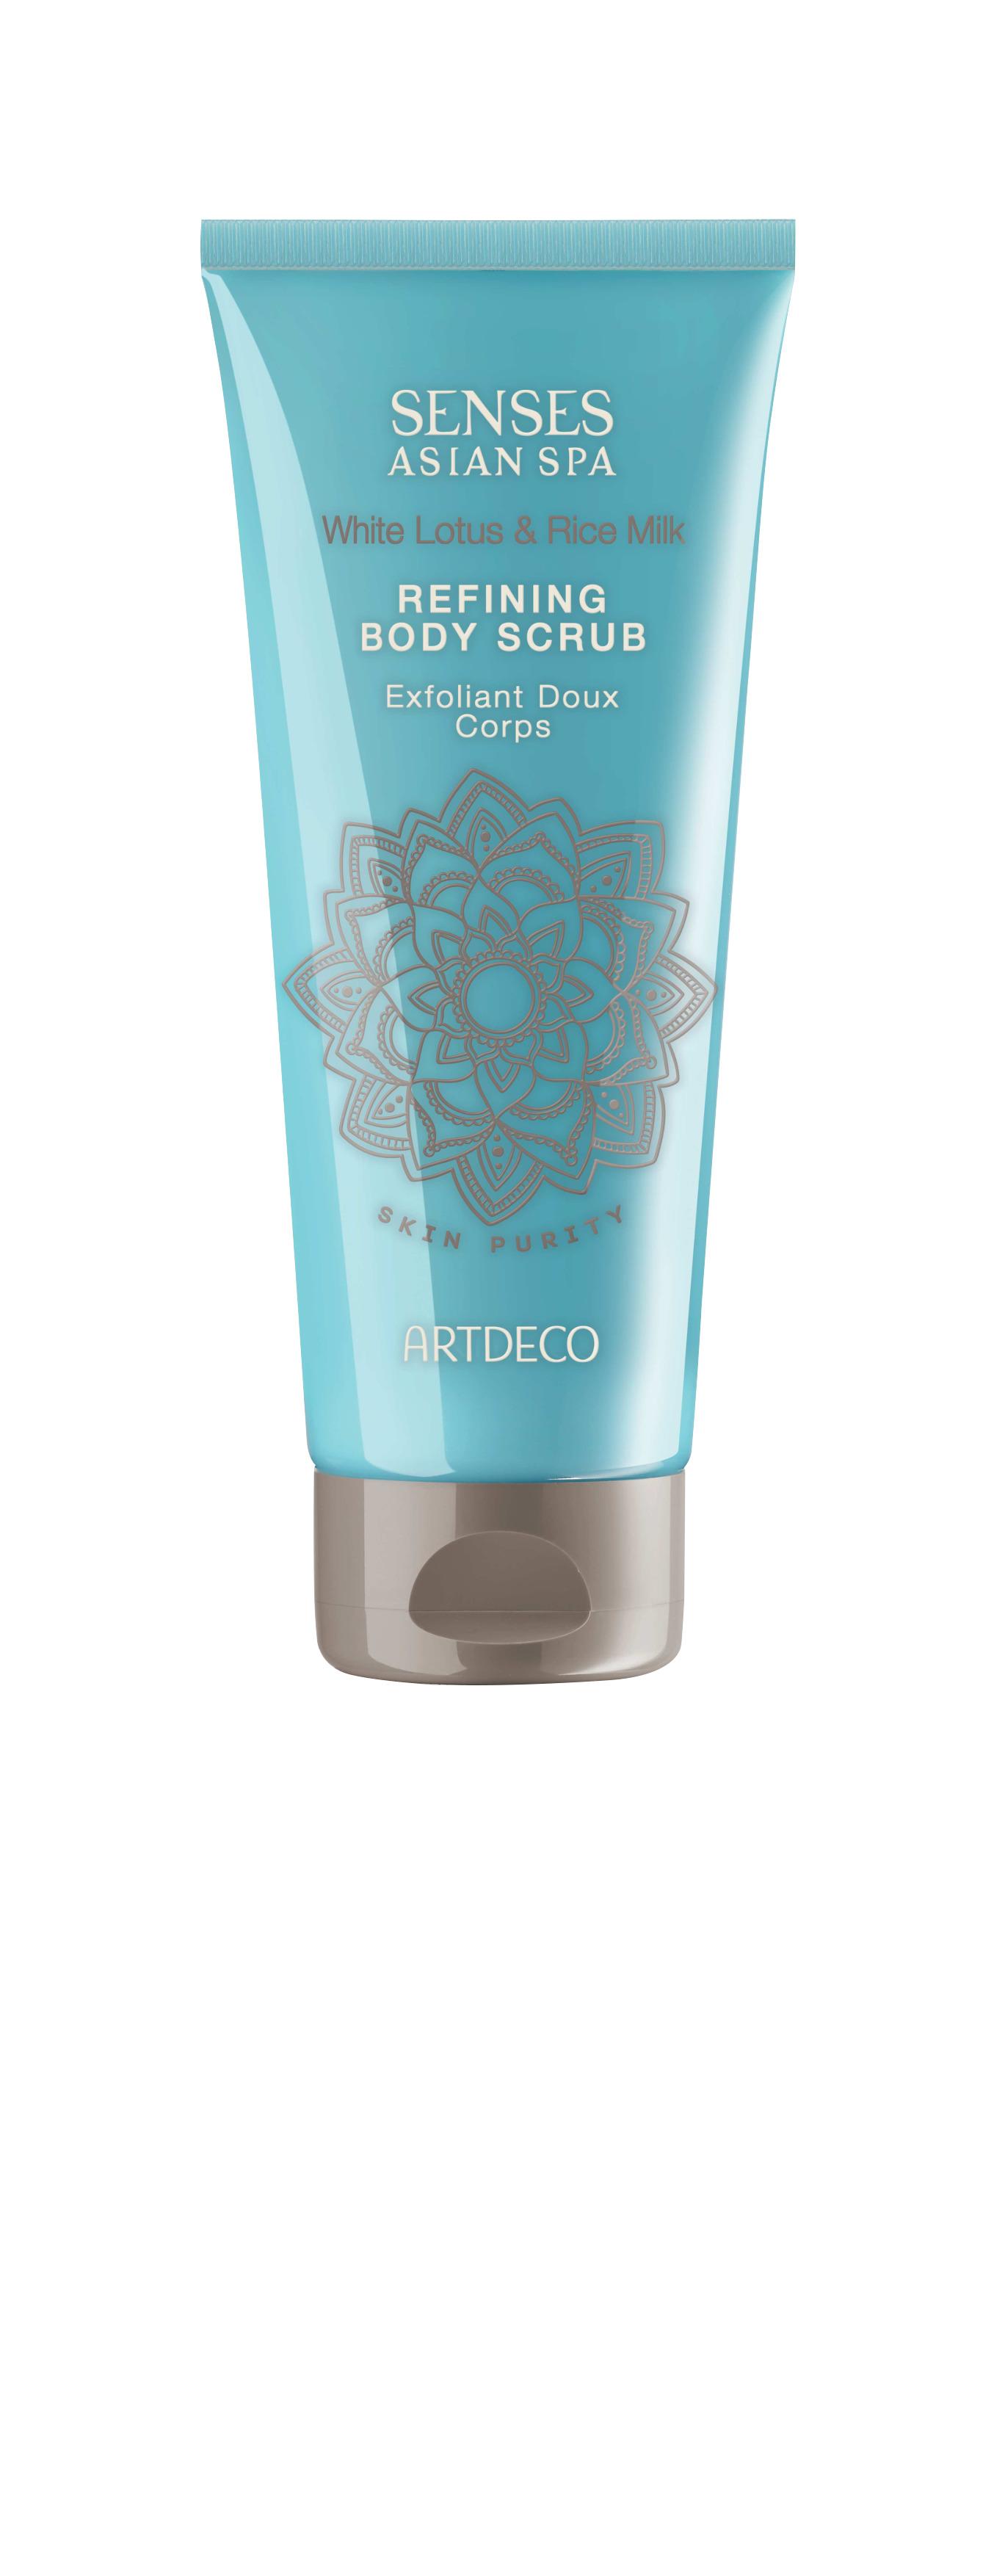 Artdeco скраб для тела очищающий Refining body scrub, skin purity, 200 мл65404Делает кожу гладкой, убирает ороговевшие частички Улучшает микроциркуляцию